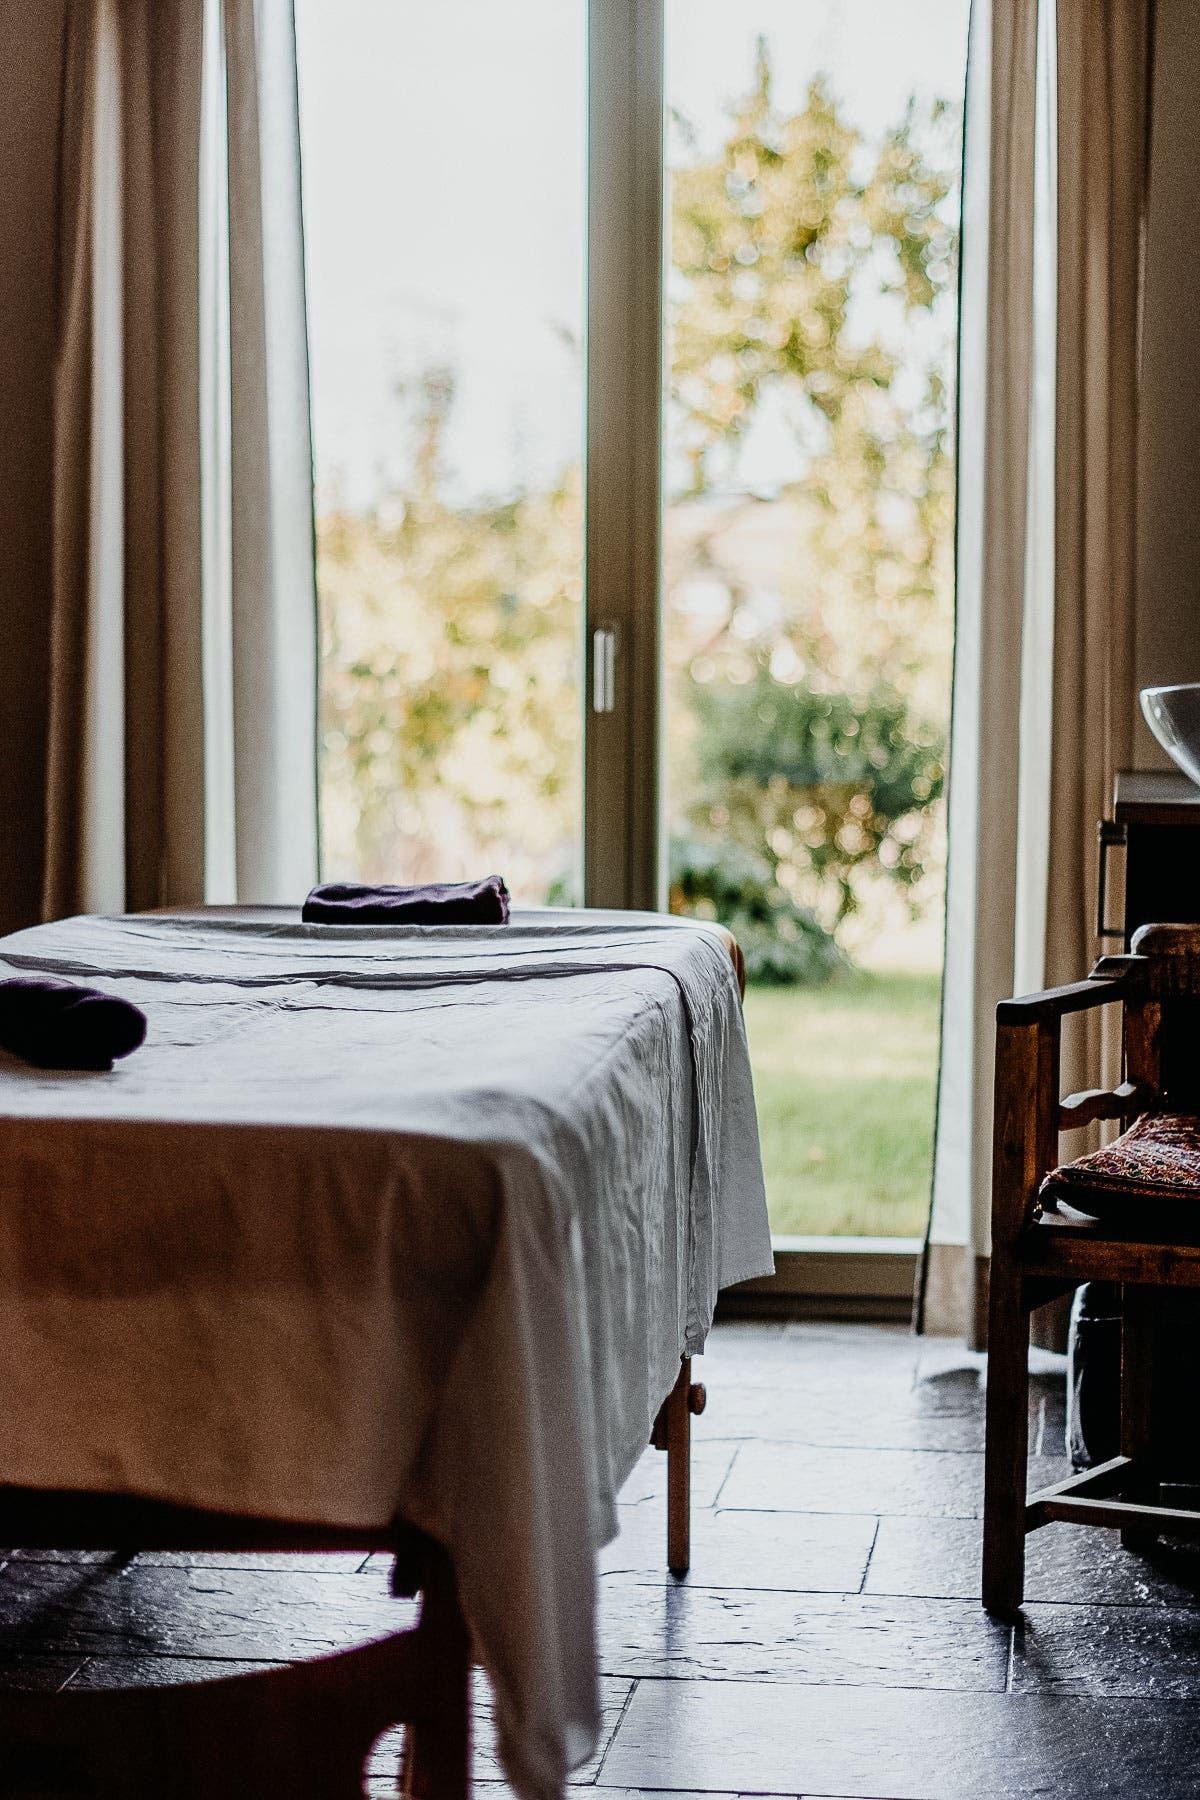 Massageliege vor Fenster mit Aussicht in den Garten